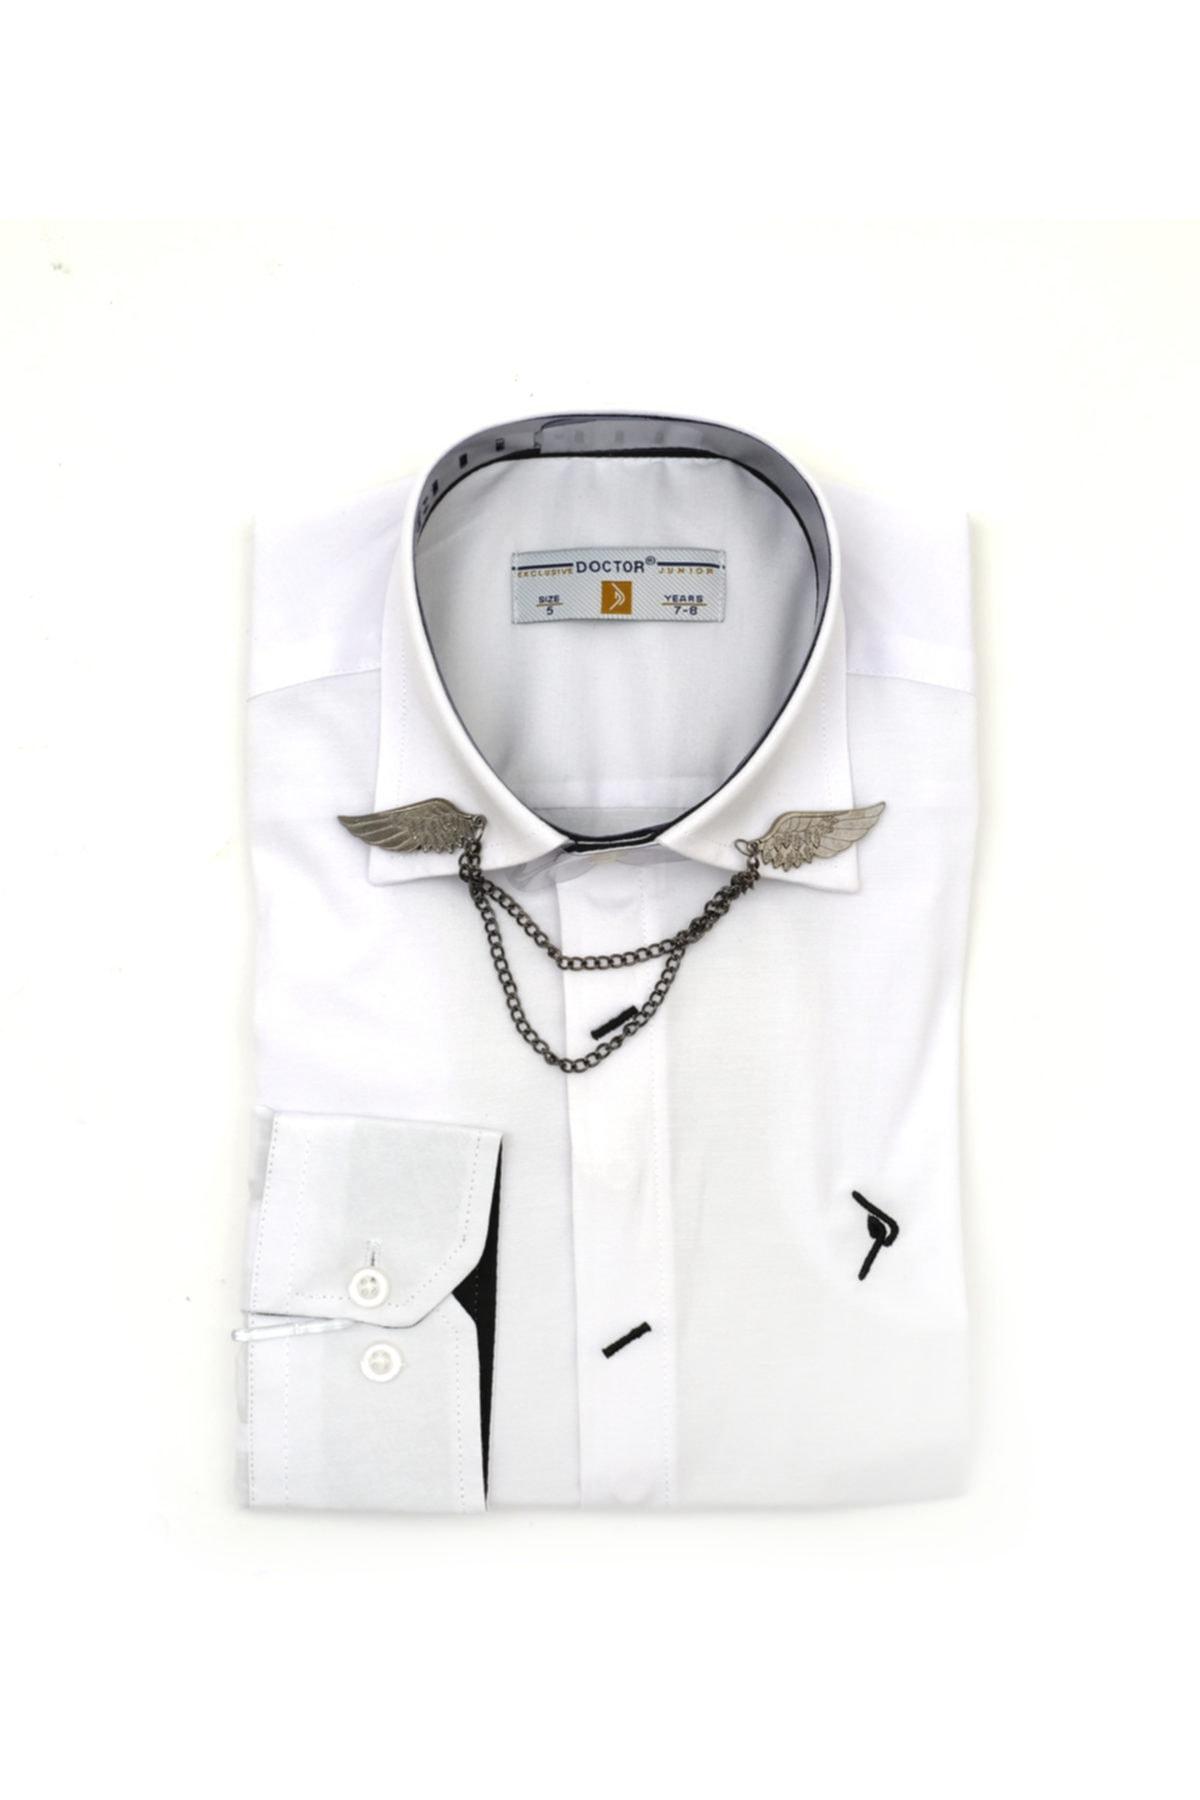 خرید نقدی پیراهن ارزان بچه گانه برند Doctor junior کد ty37023276